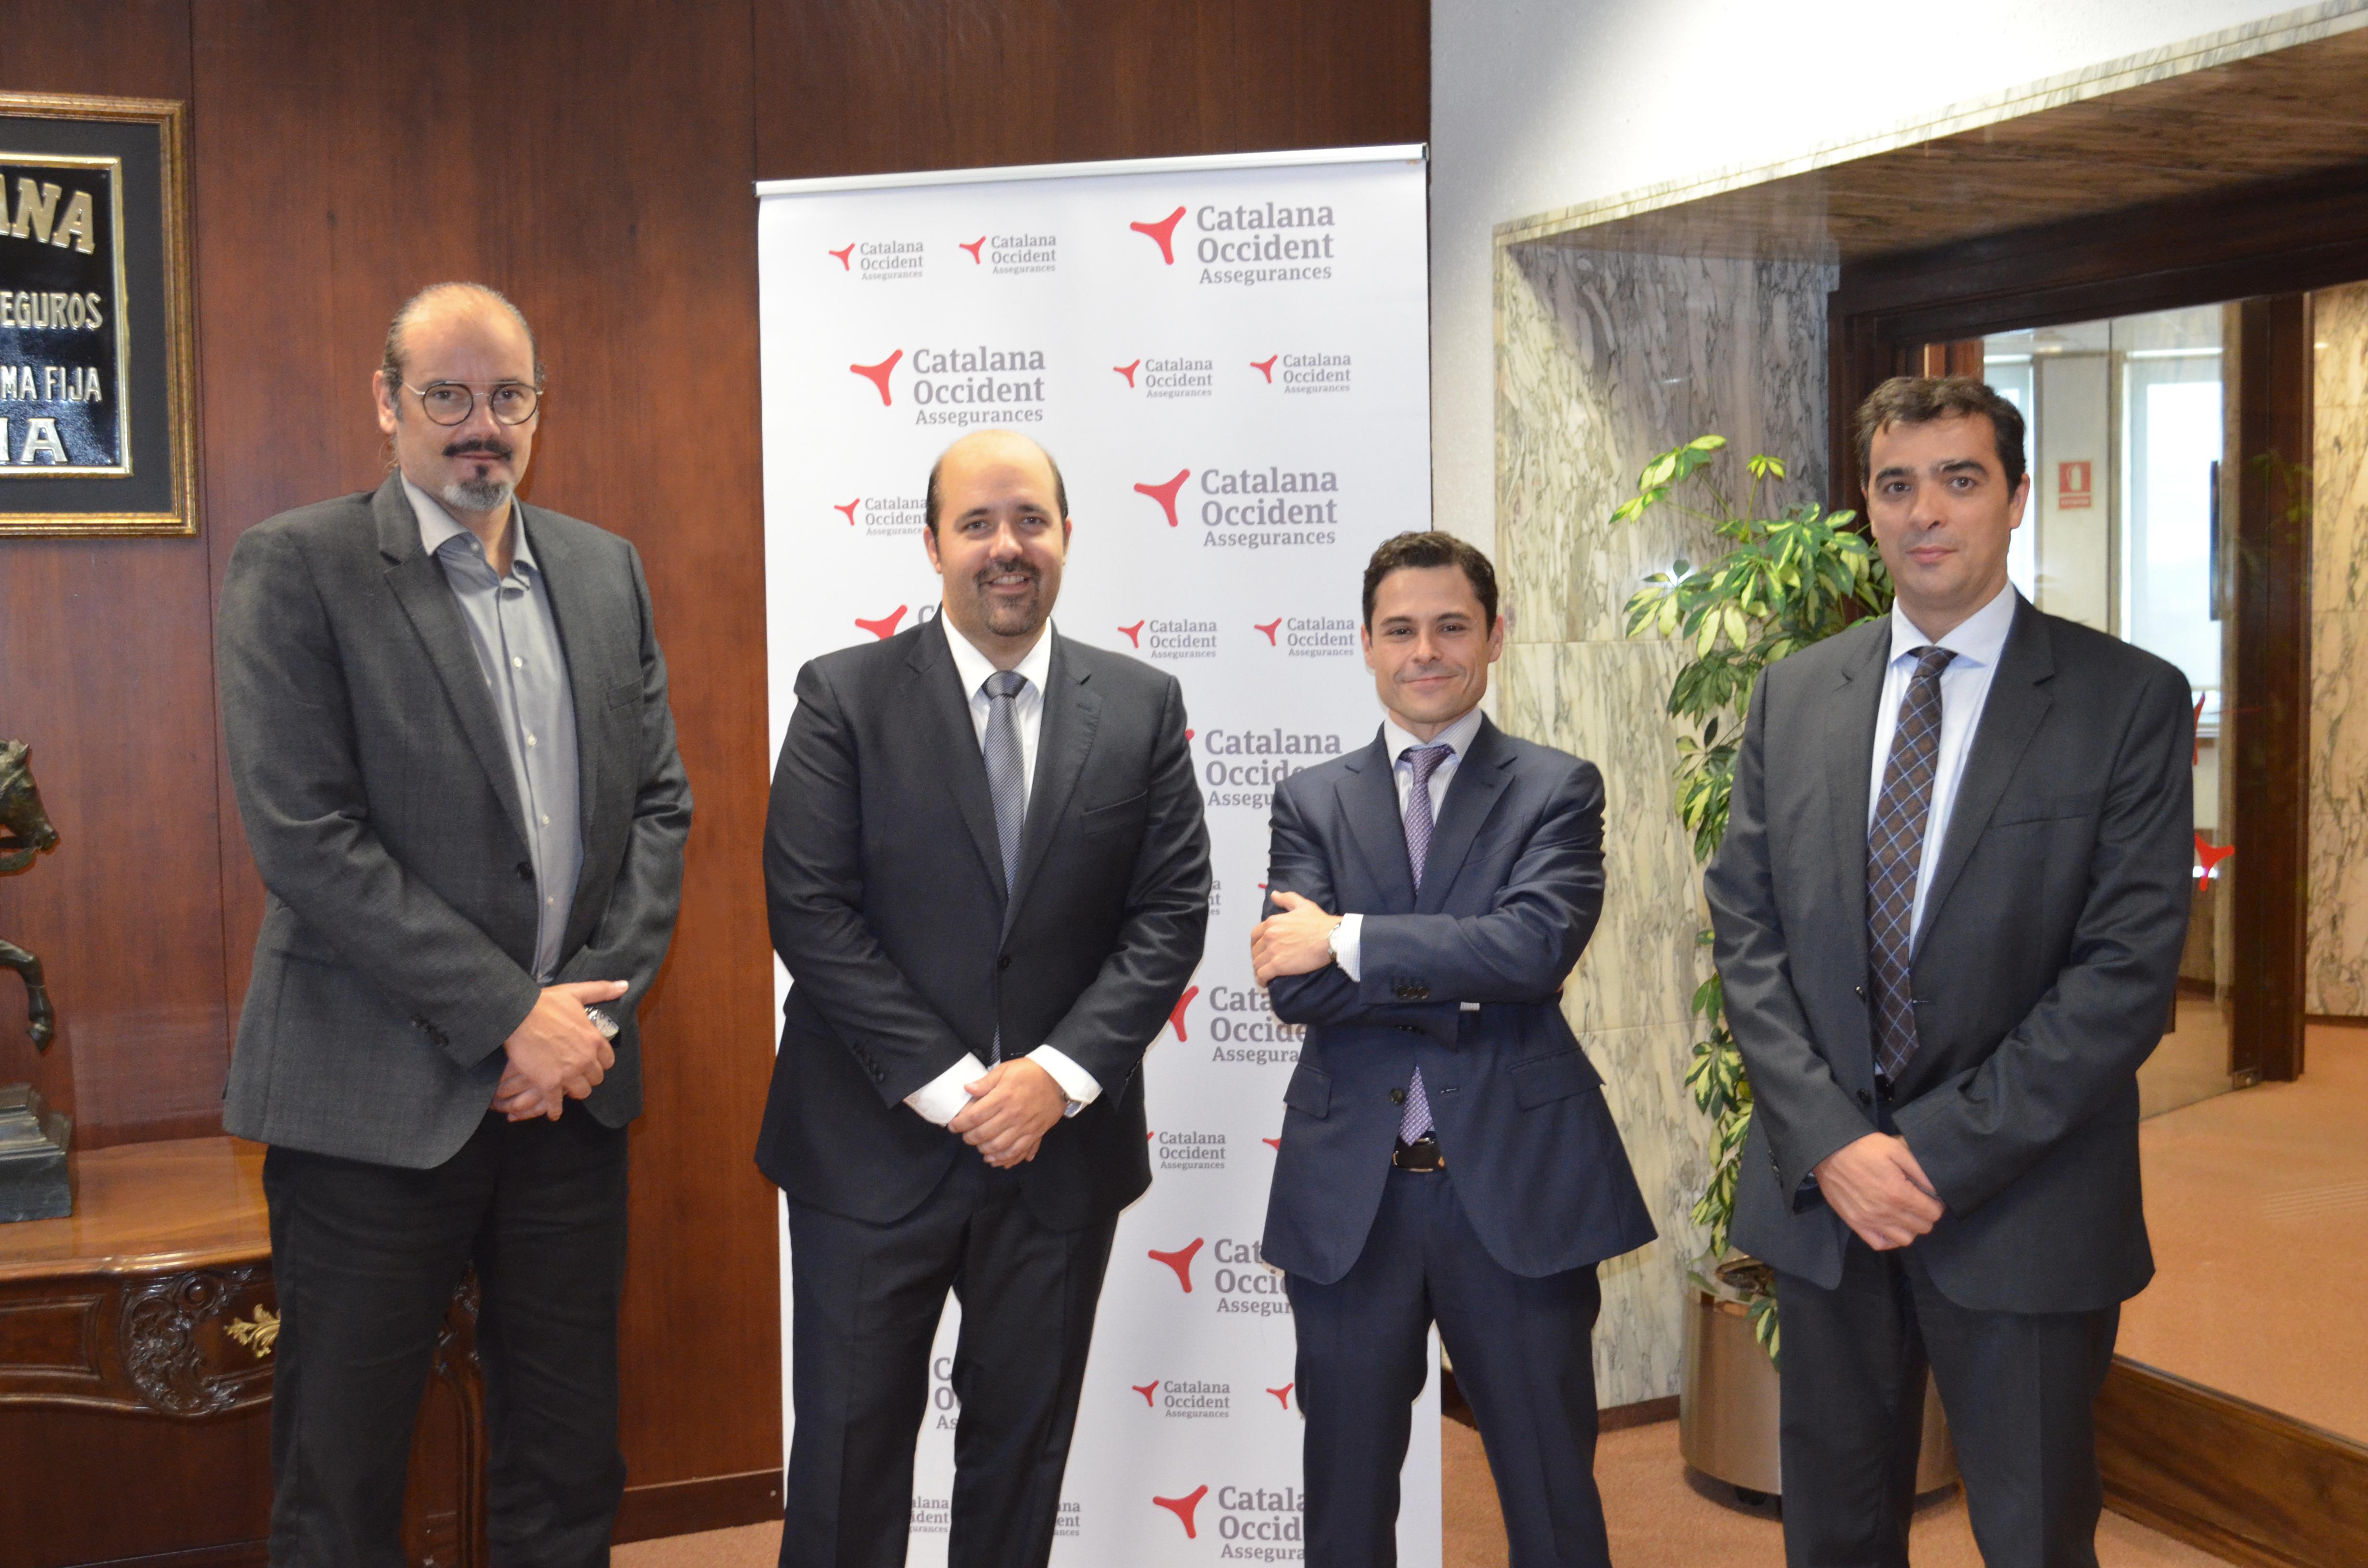 Catalana occidente se convierte en patrocinador del equipo for Catalana occidente oficinas